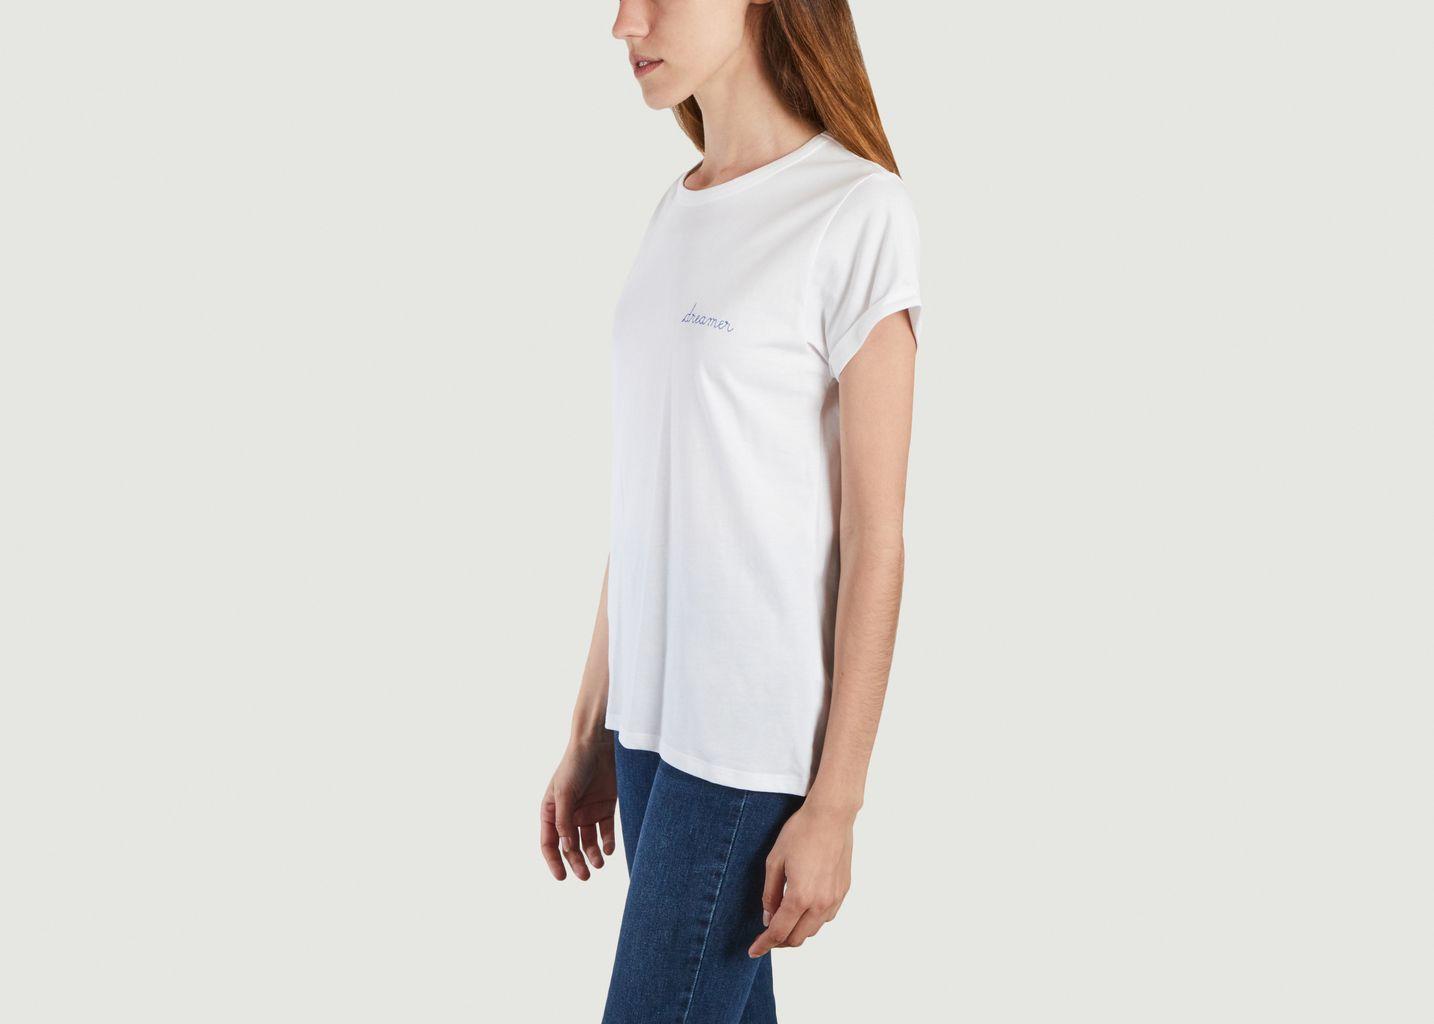 T-shirt Poitou Dreamer  - Maison Labiche